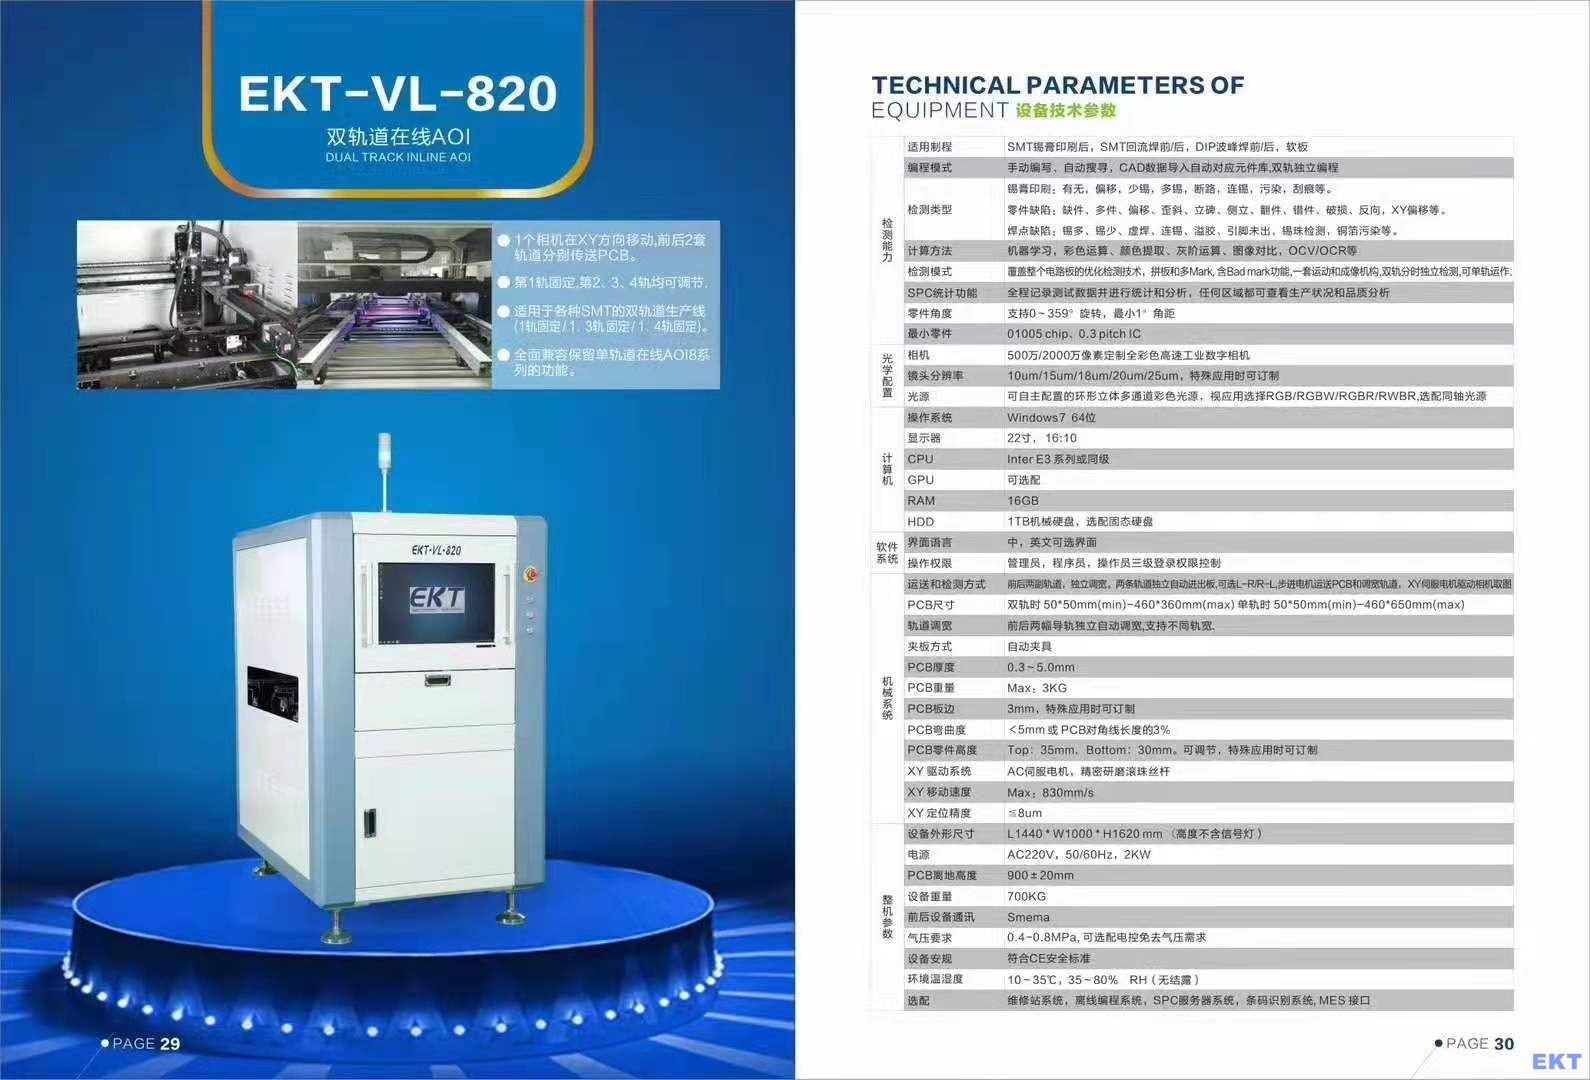 双轨全自动光学检测仪--双轨在线AOI检测仪EKT-VL-820国产AOI厂家供应商(图1)